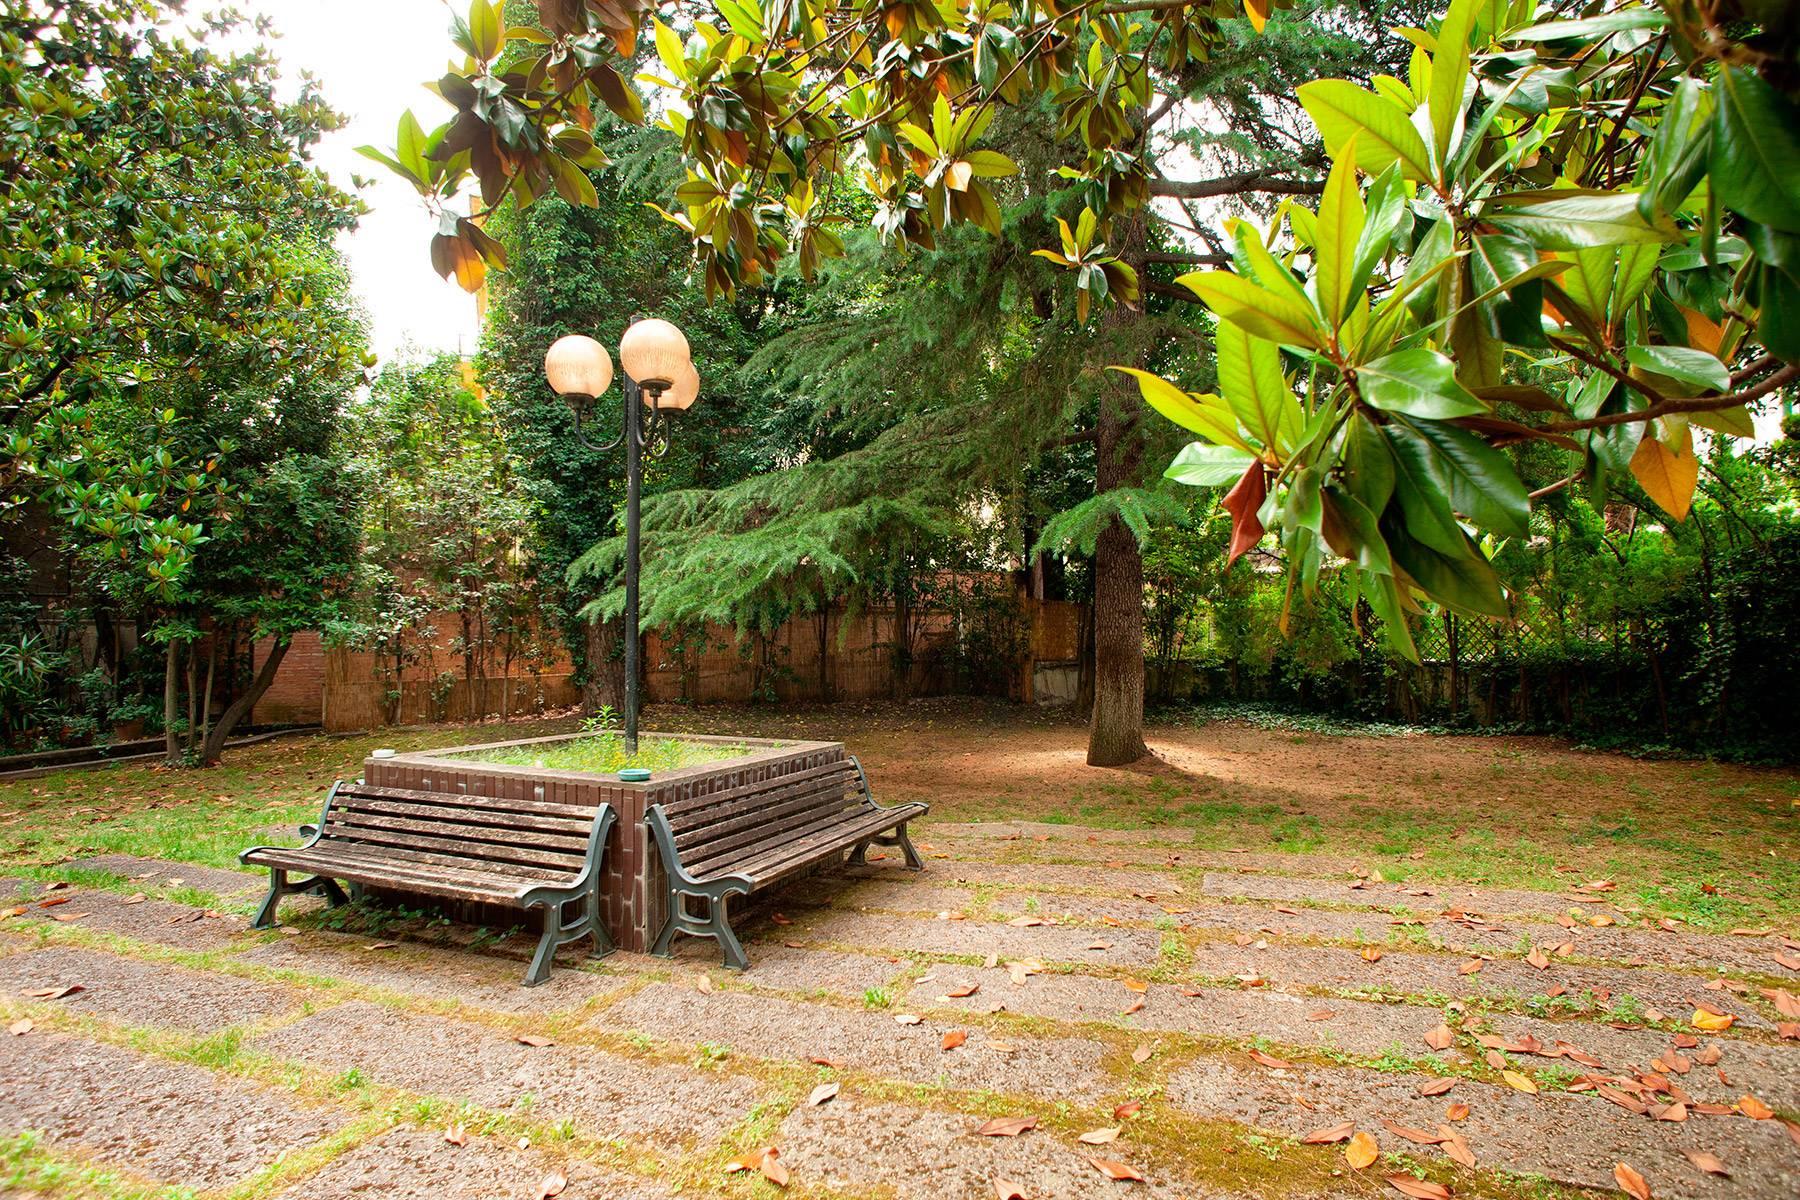 Attico in Affitto a Roma: 3 locali, 68 mq - Foto 11